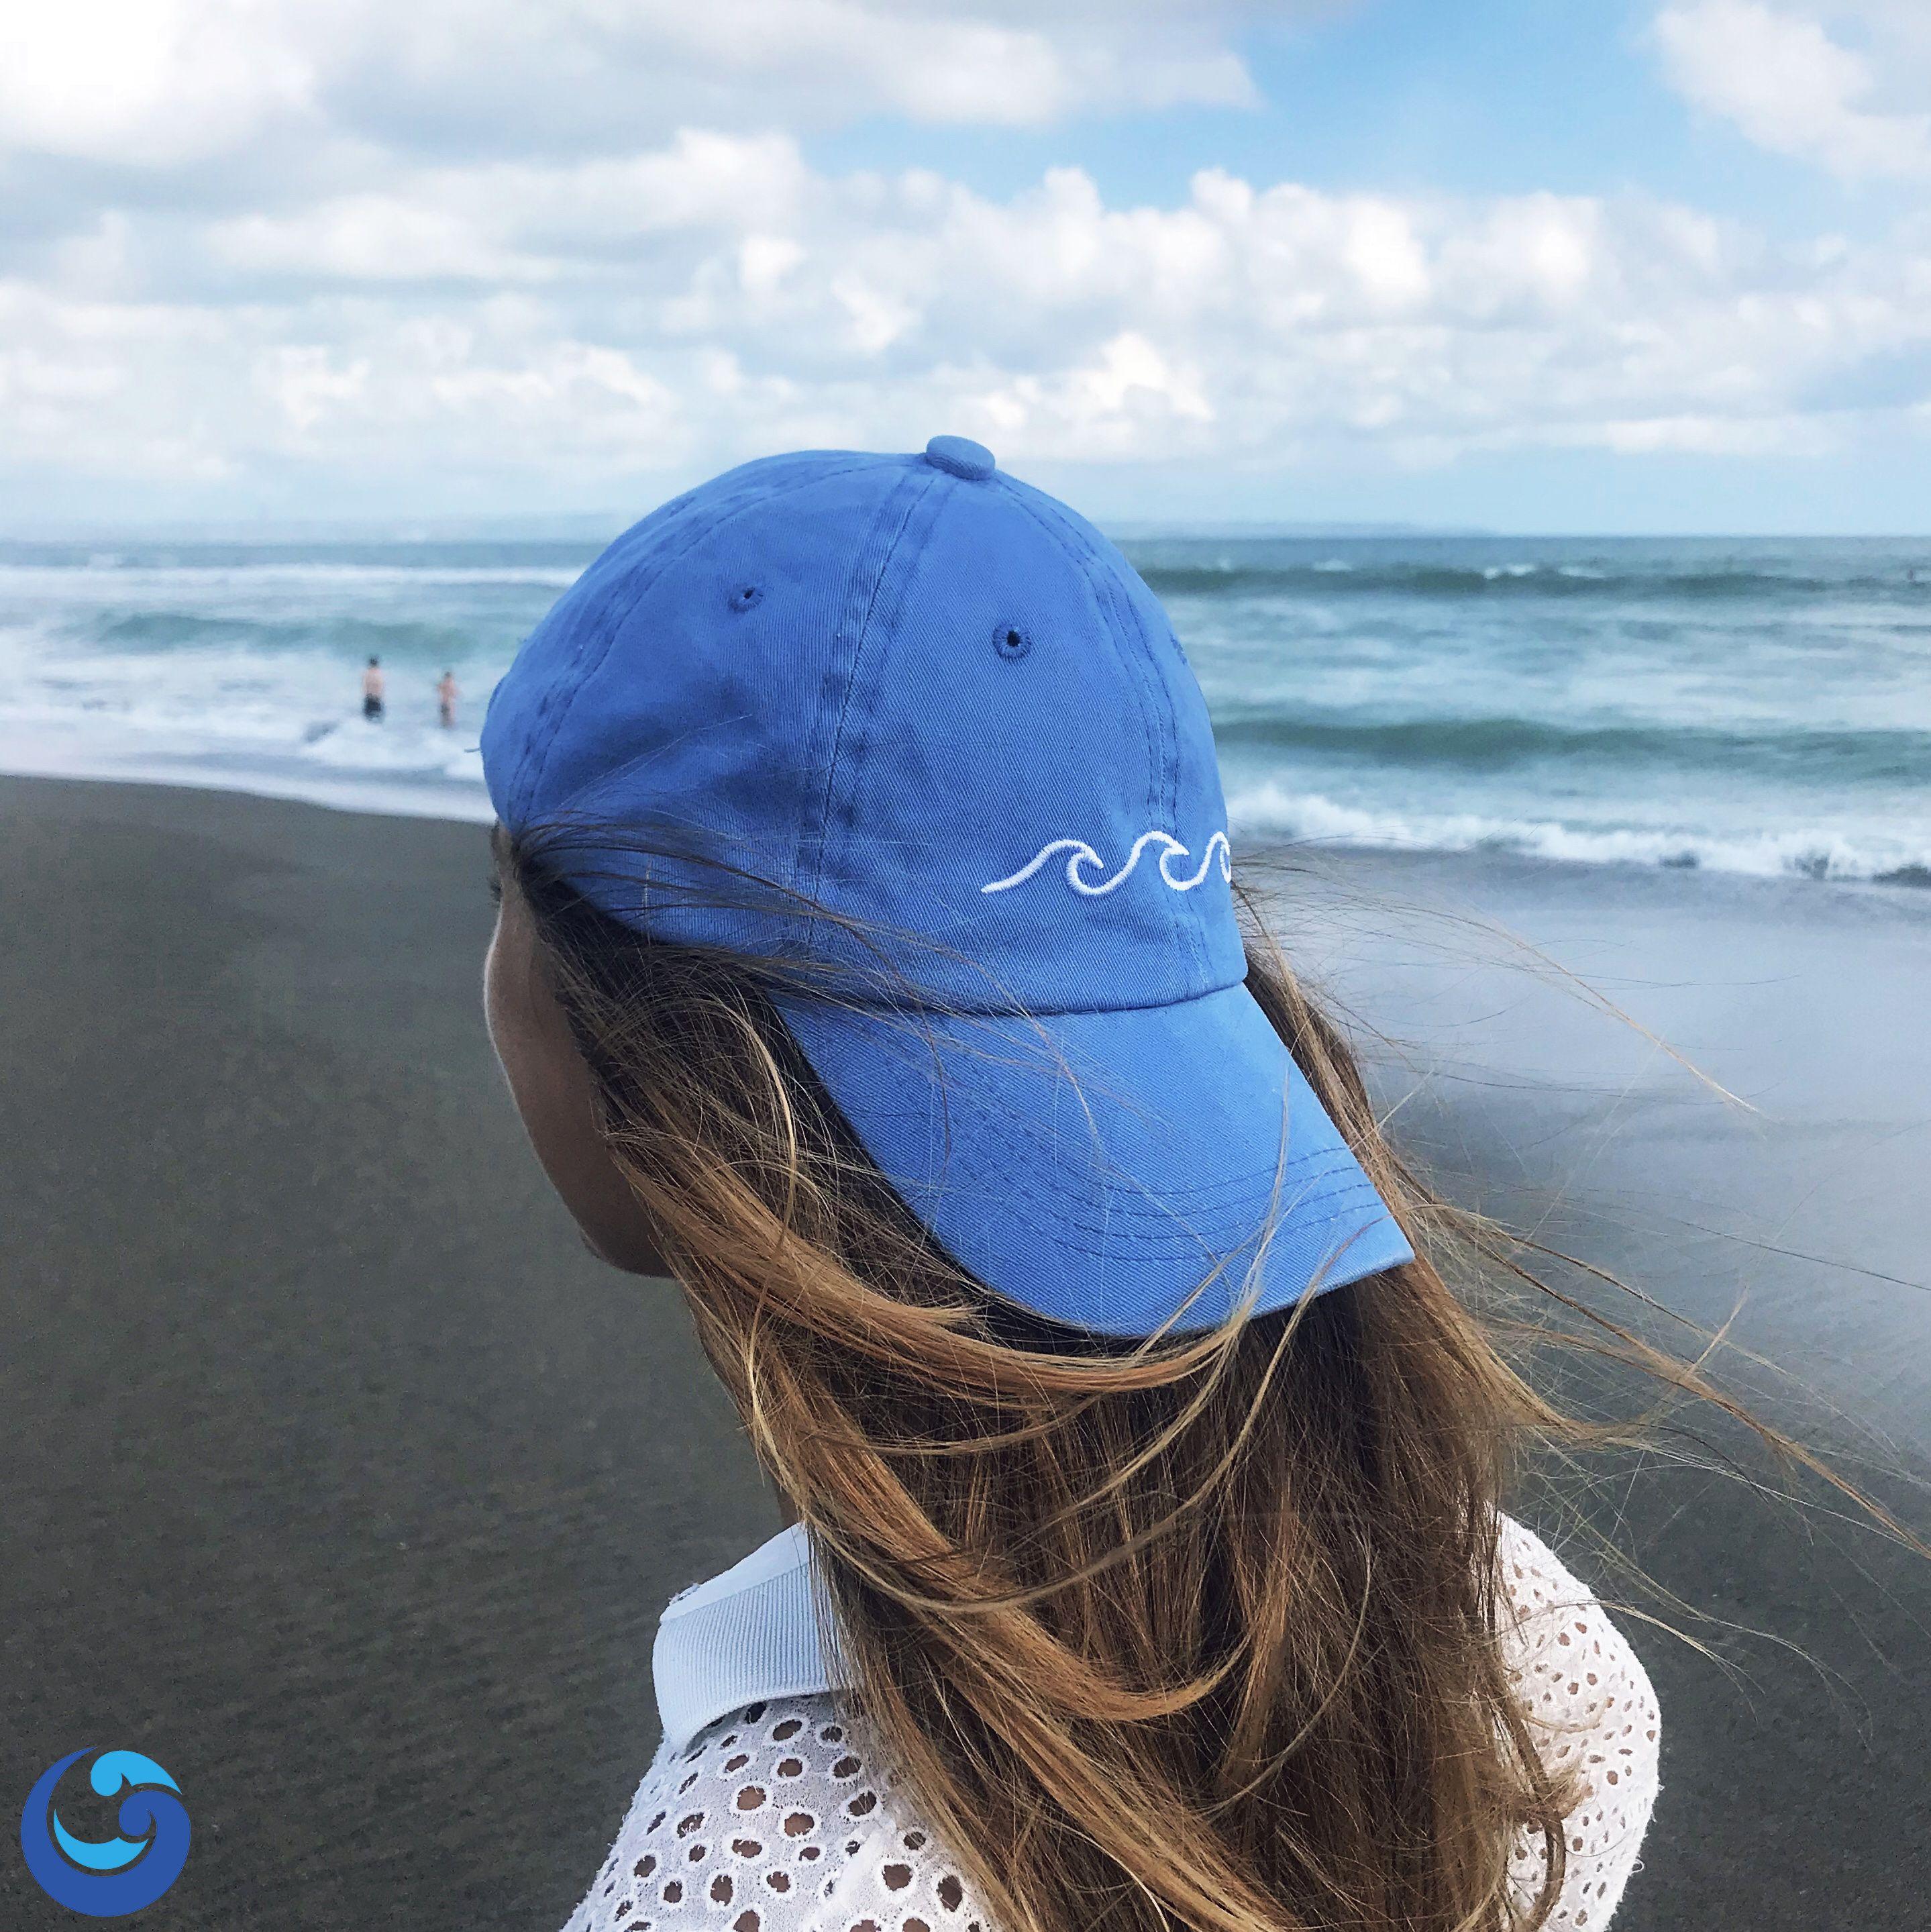 Ocean waves dad hat